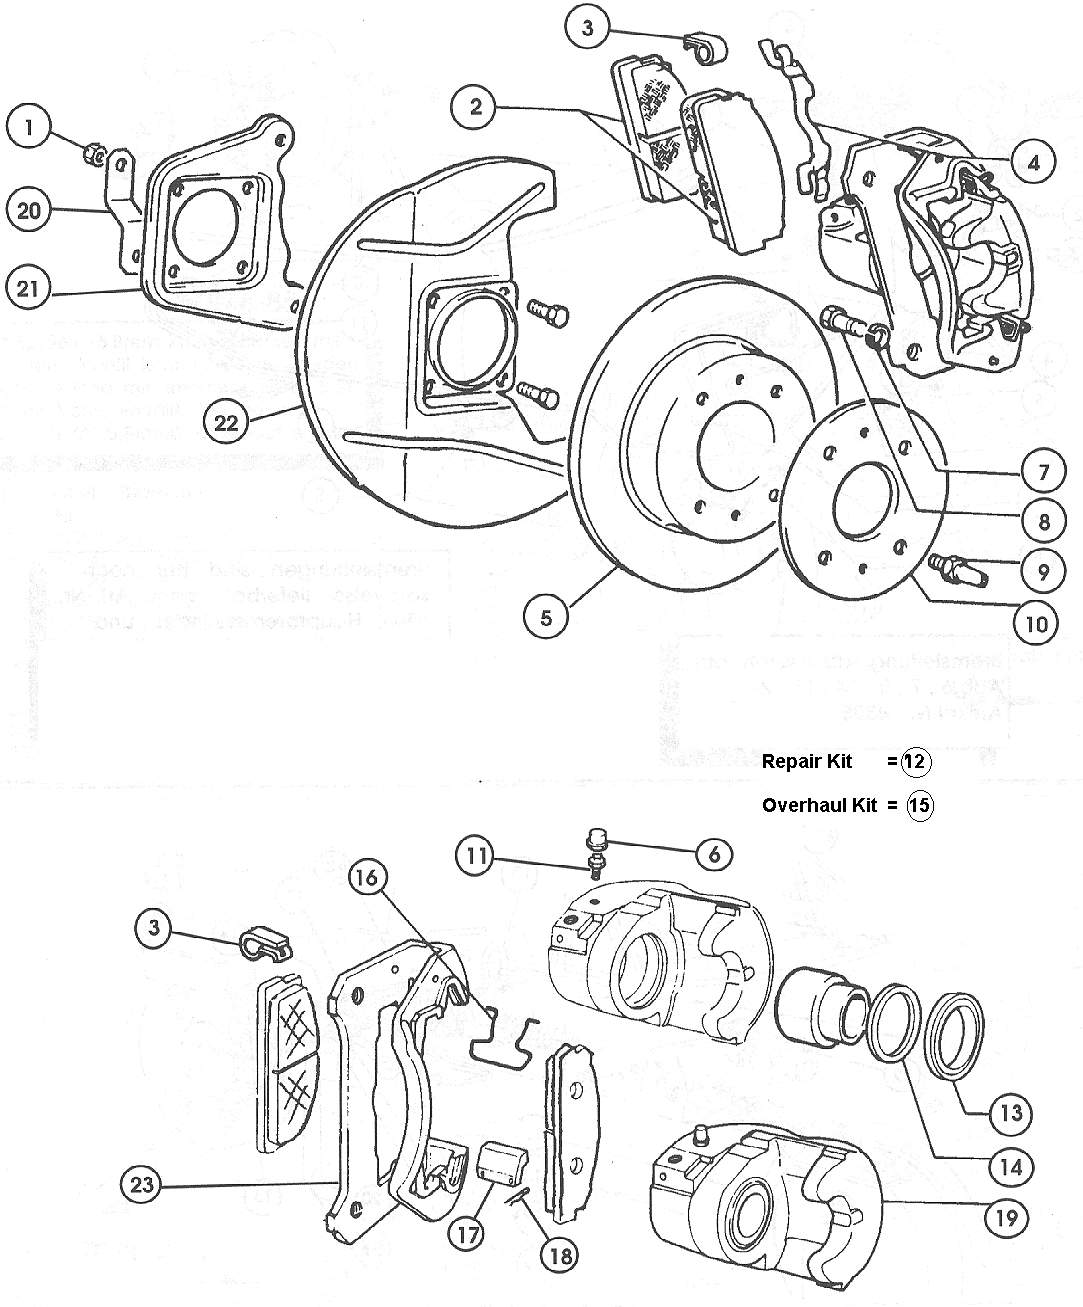 fiat 124 front brake discs  u0026 callipers  u2013 1966